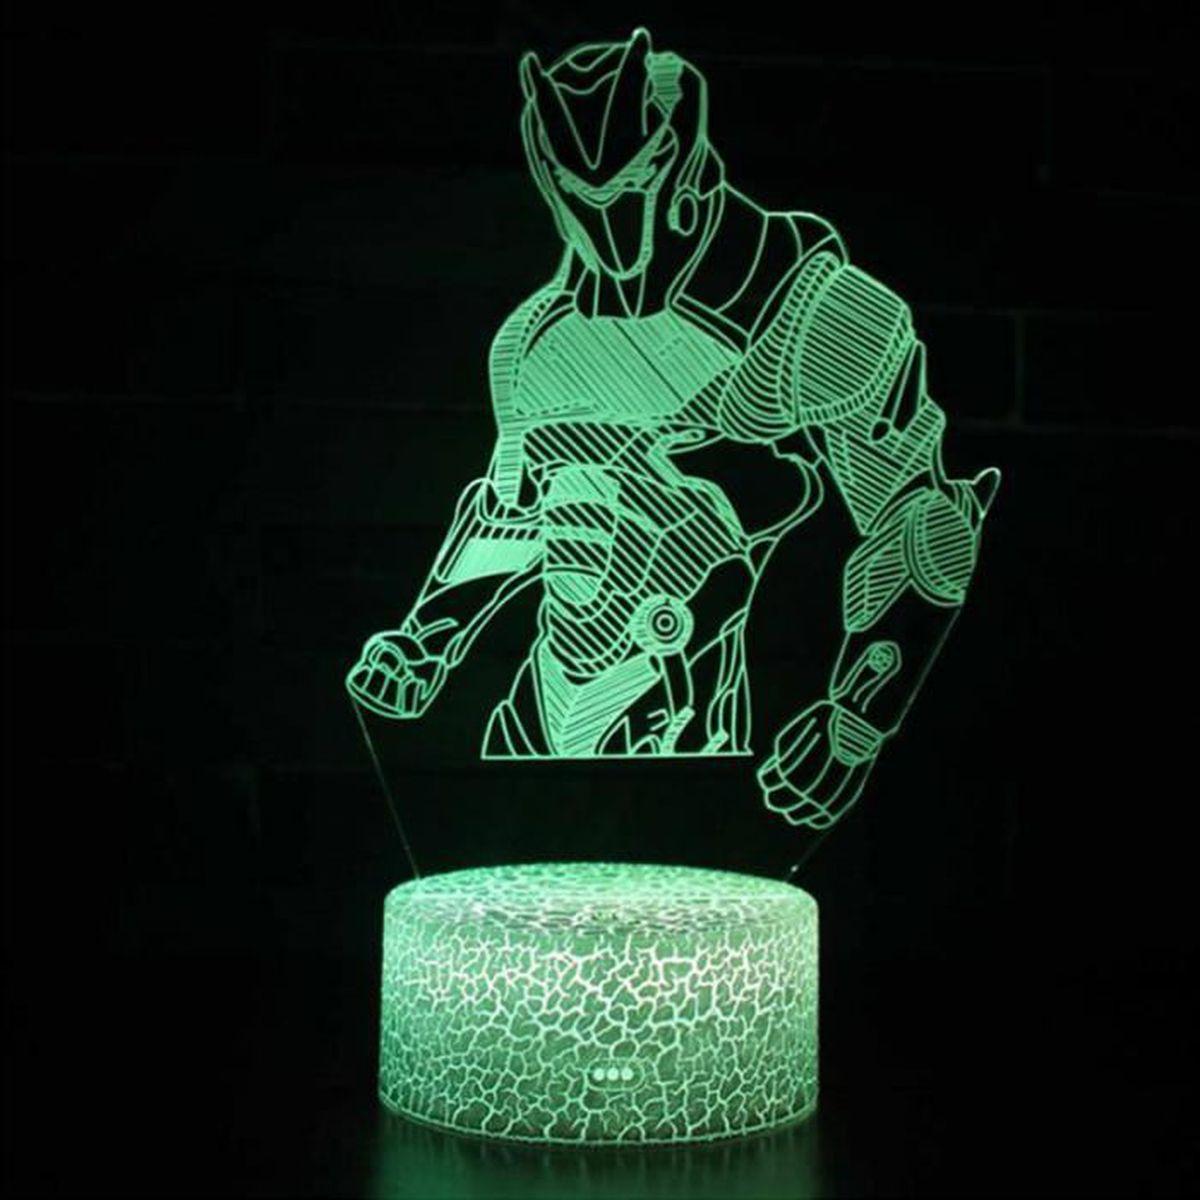 Personnalisé 7 Couleurs changeantes DEL 3D lampe de contrôle à distance peut ajouter nom ou texte